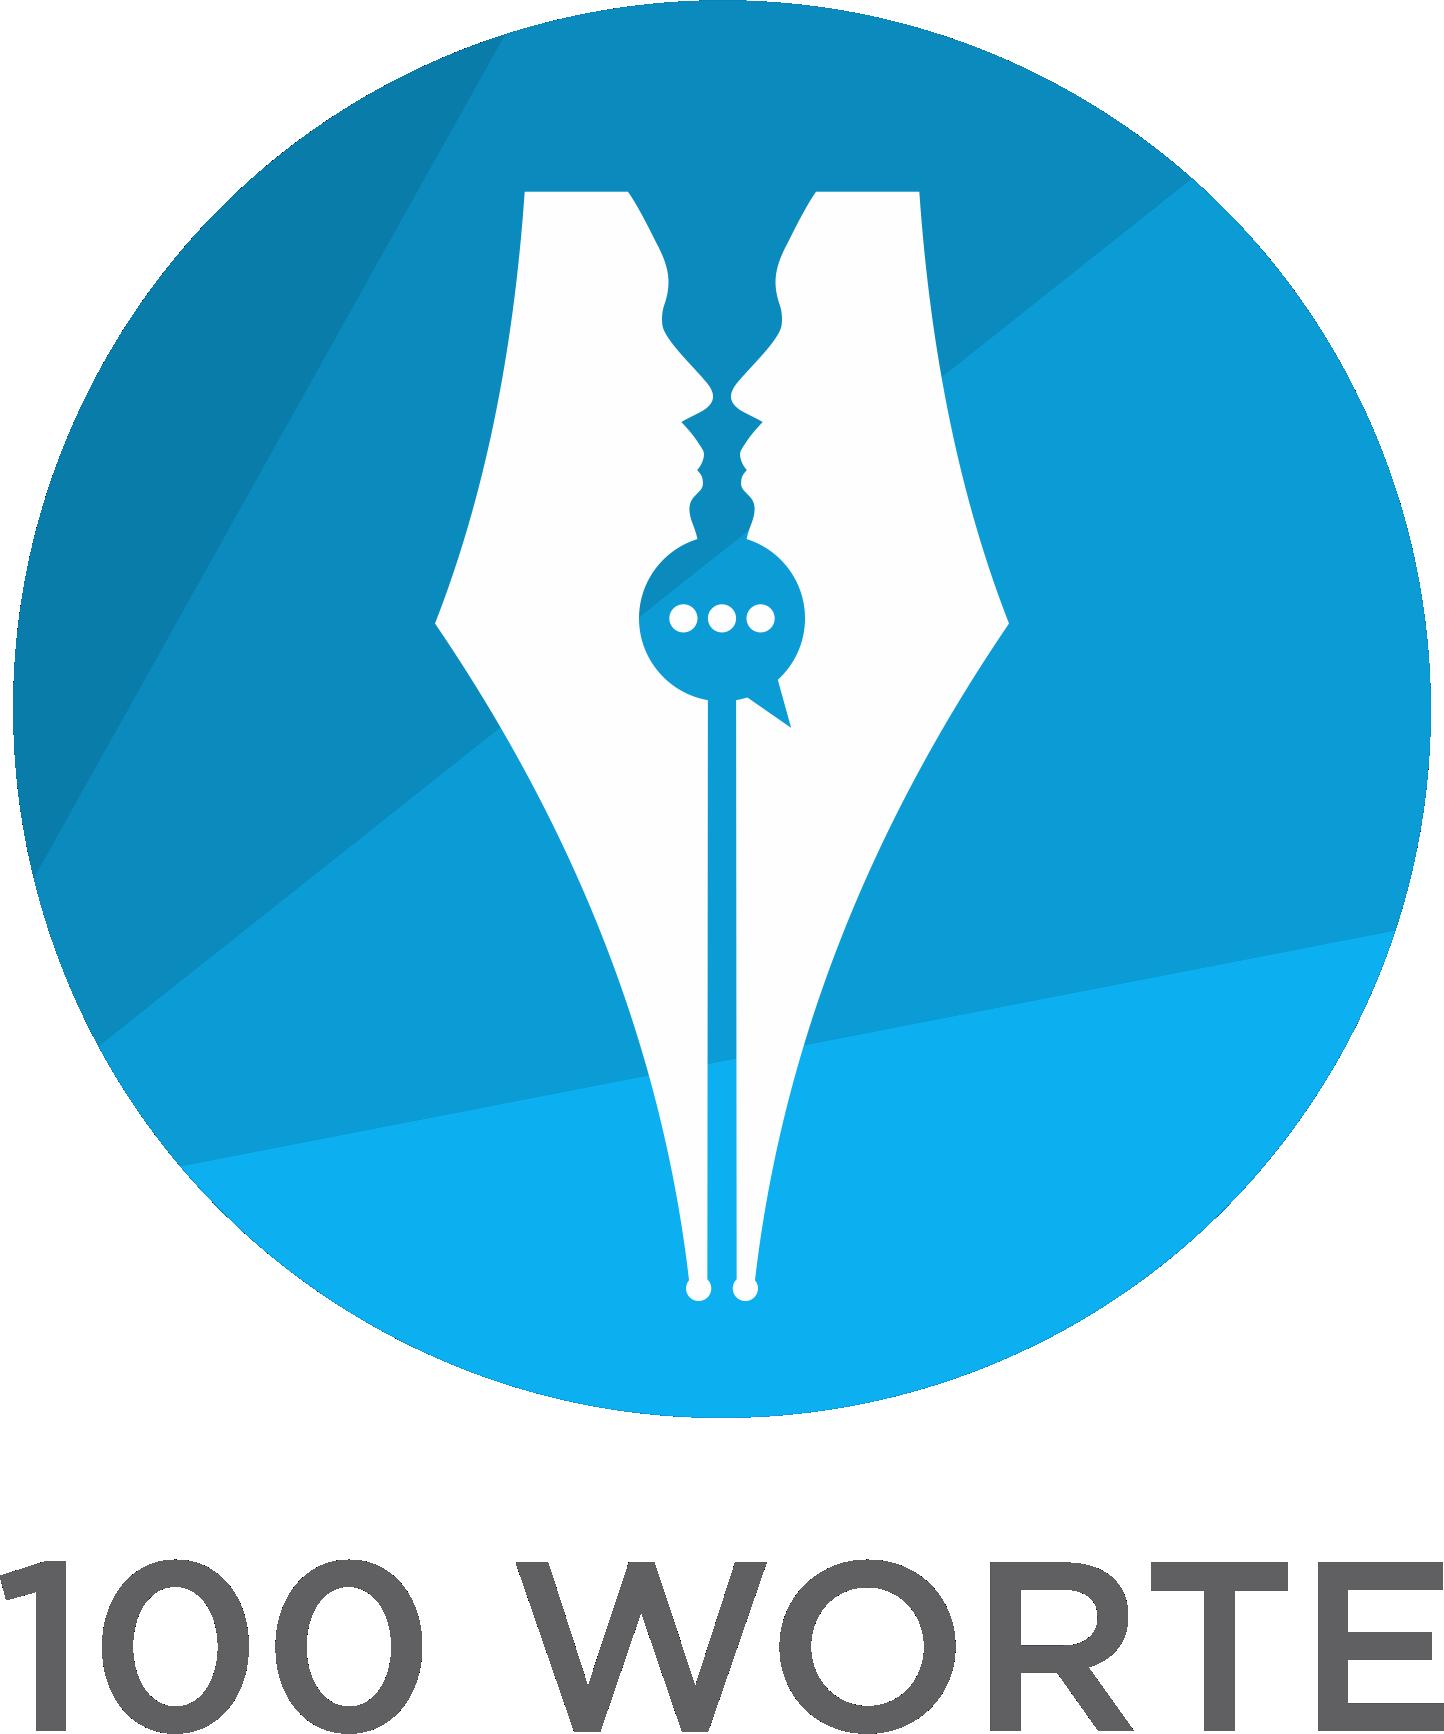 100 Worte Sprachanalyse GmbH